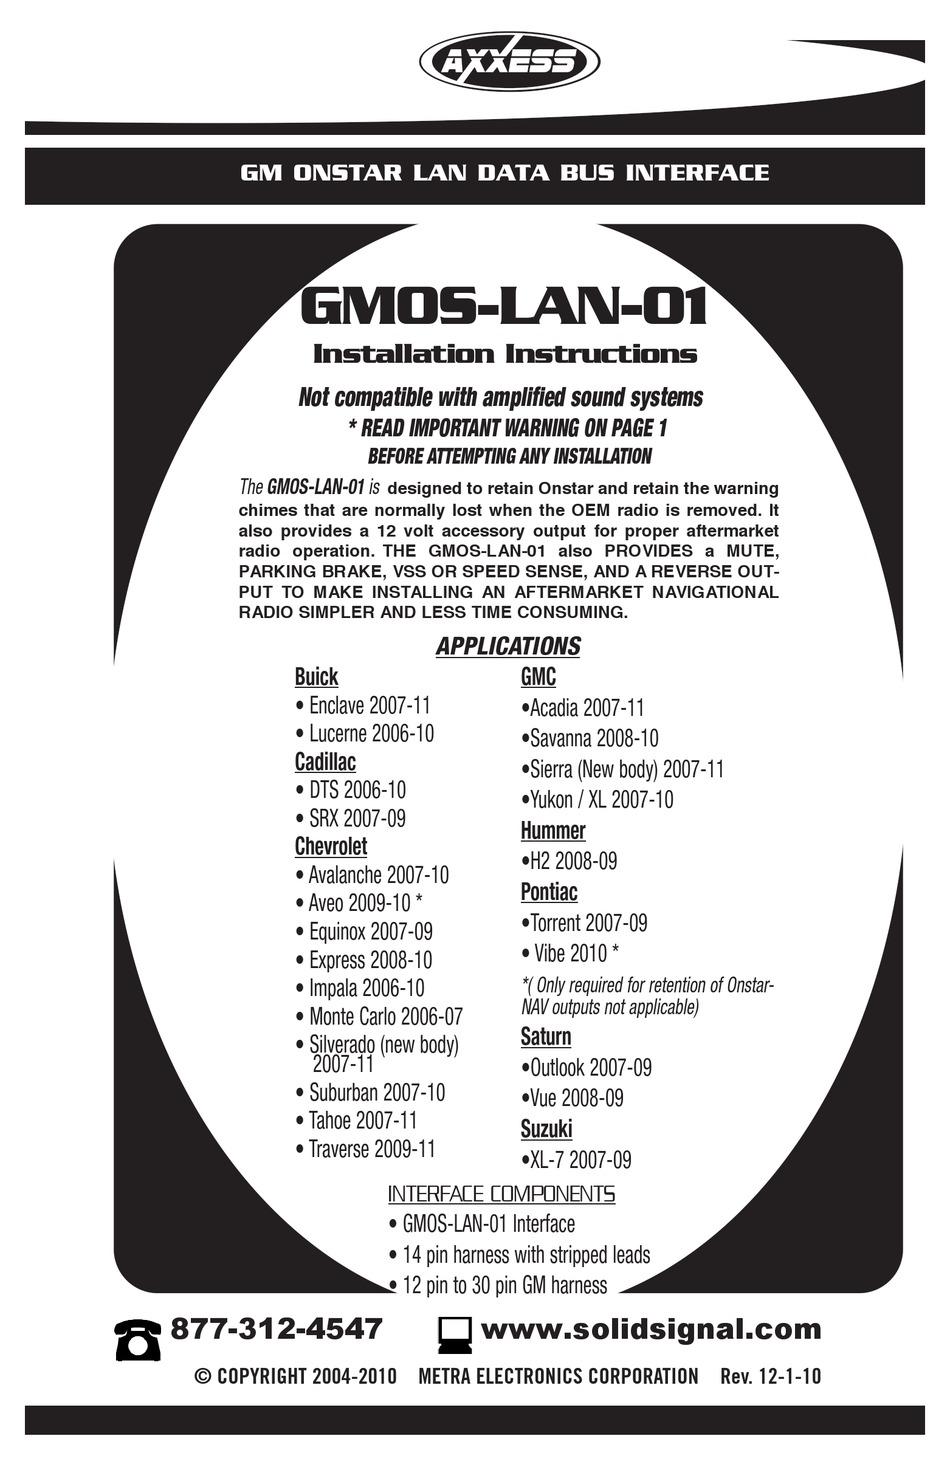 gmos lan 01 wiring diagram - wiring diagram huge-general-a -  huge-general-a.emilia-fise.it  emilia-fise.it